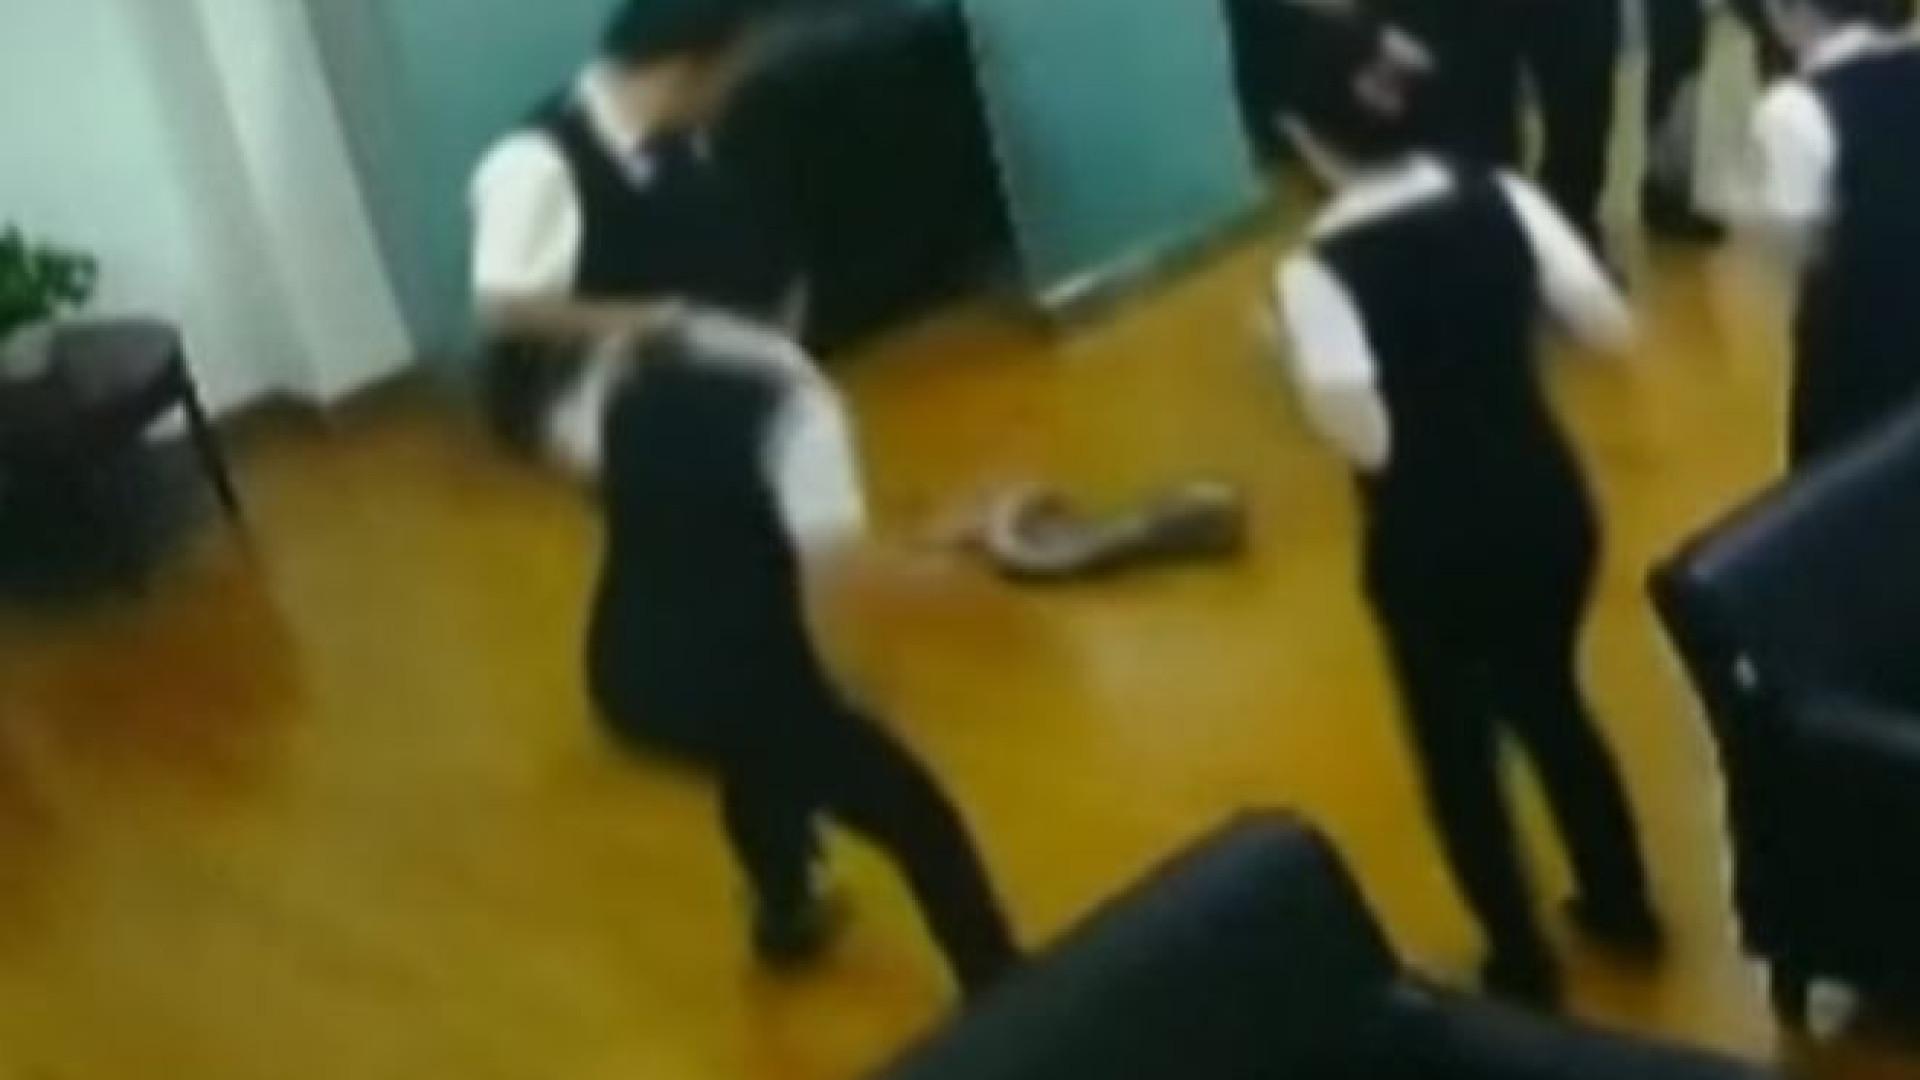 Pitão cai de teto e interrompe reunião em banco na China